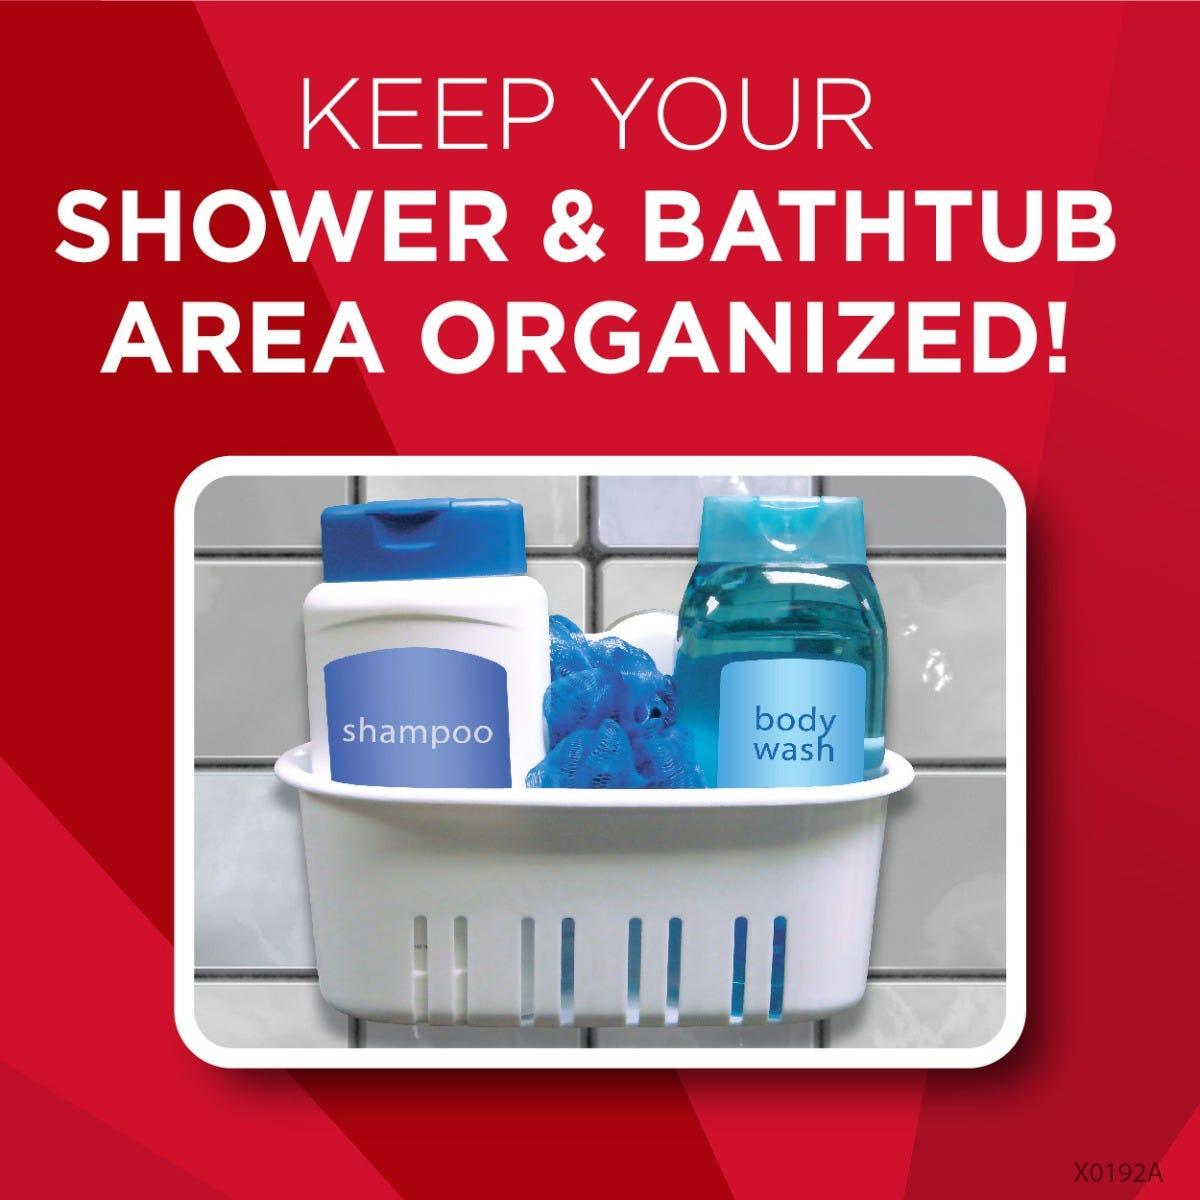 https://googone.com/media/catalog/product/s/u/suction_cup_shower_basket_inuse.jpg